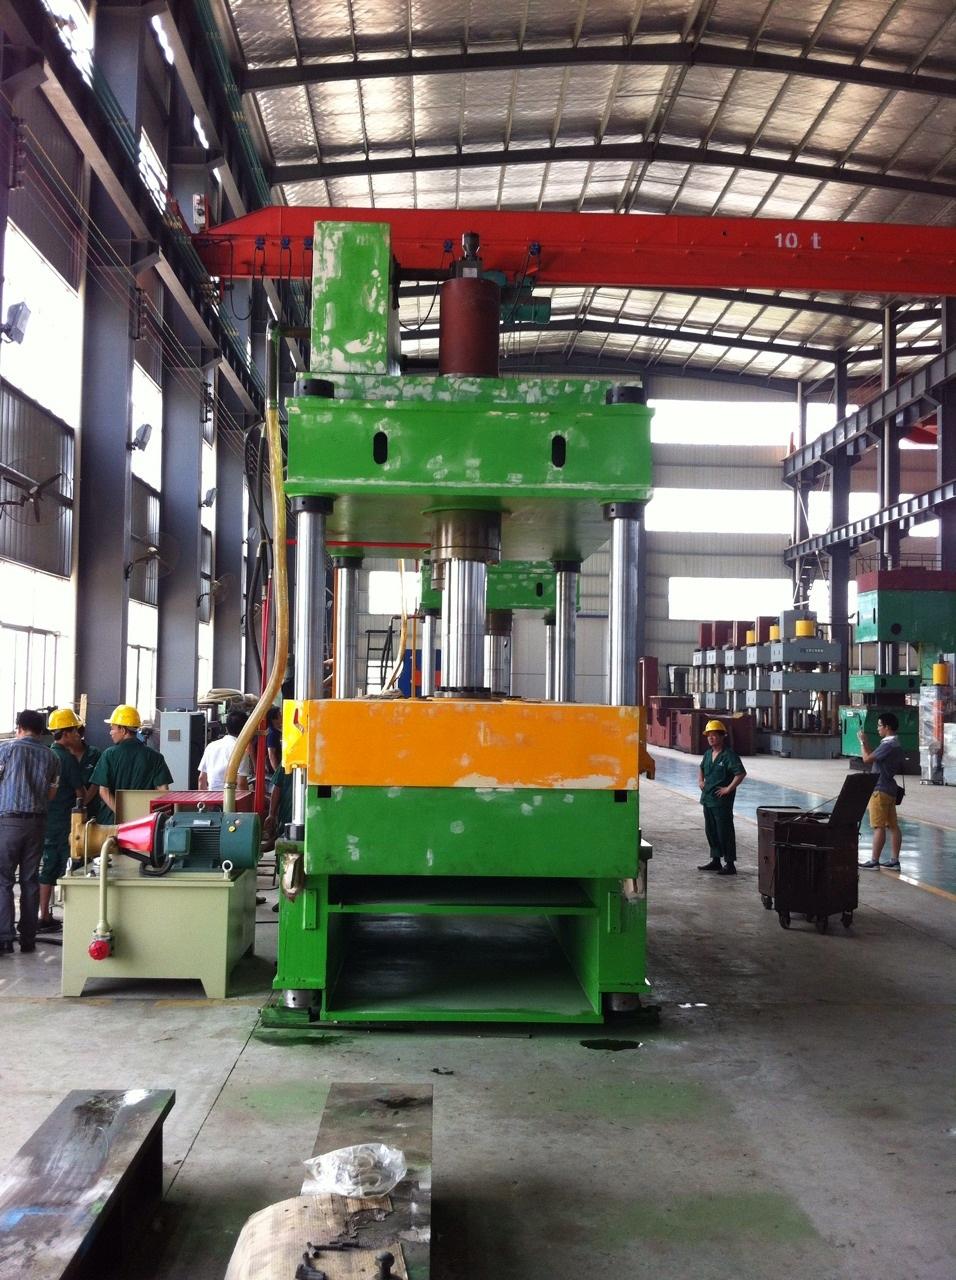 ตรวจสอบคุณภาพเครื่อง Hydraulic Press ณ โรงงานผู้ผลิตที่ประเทศจีน 23 - 26/7/56